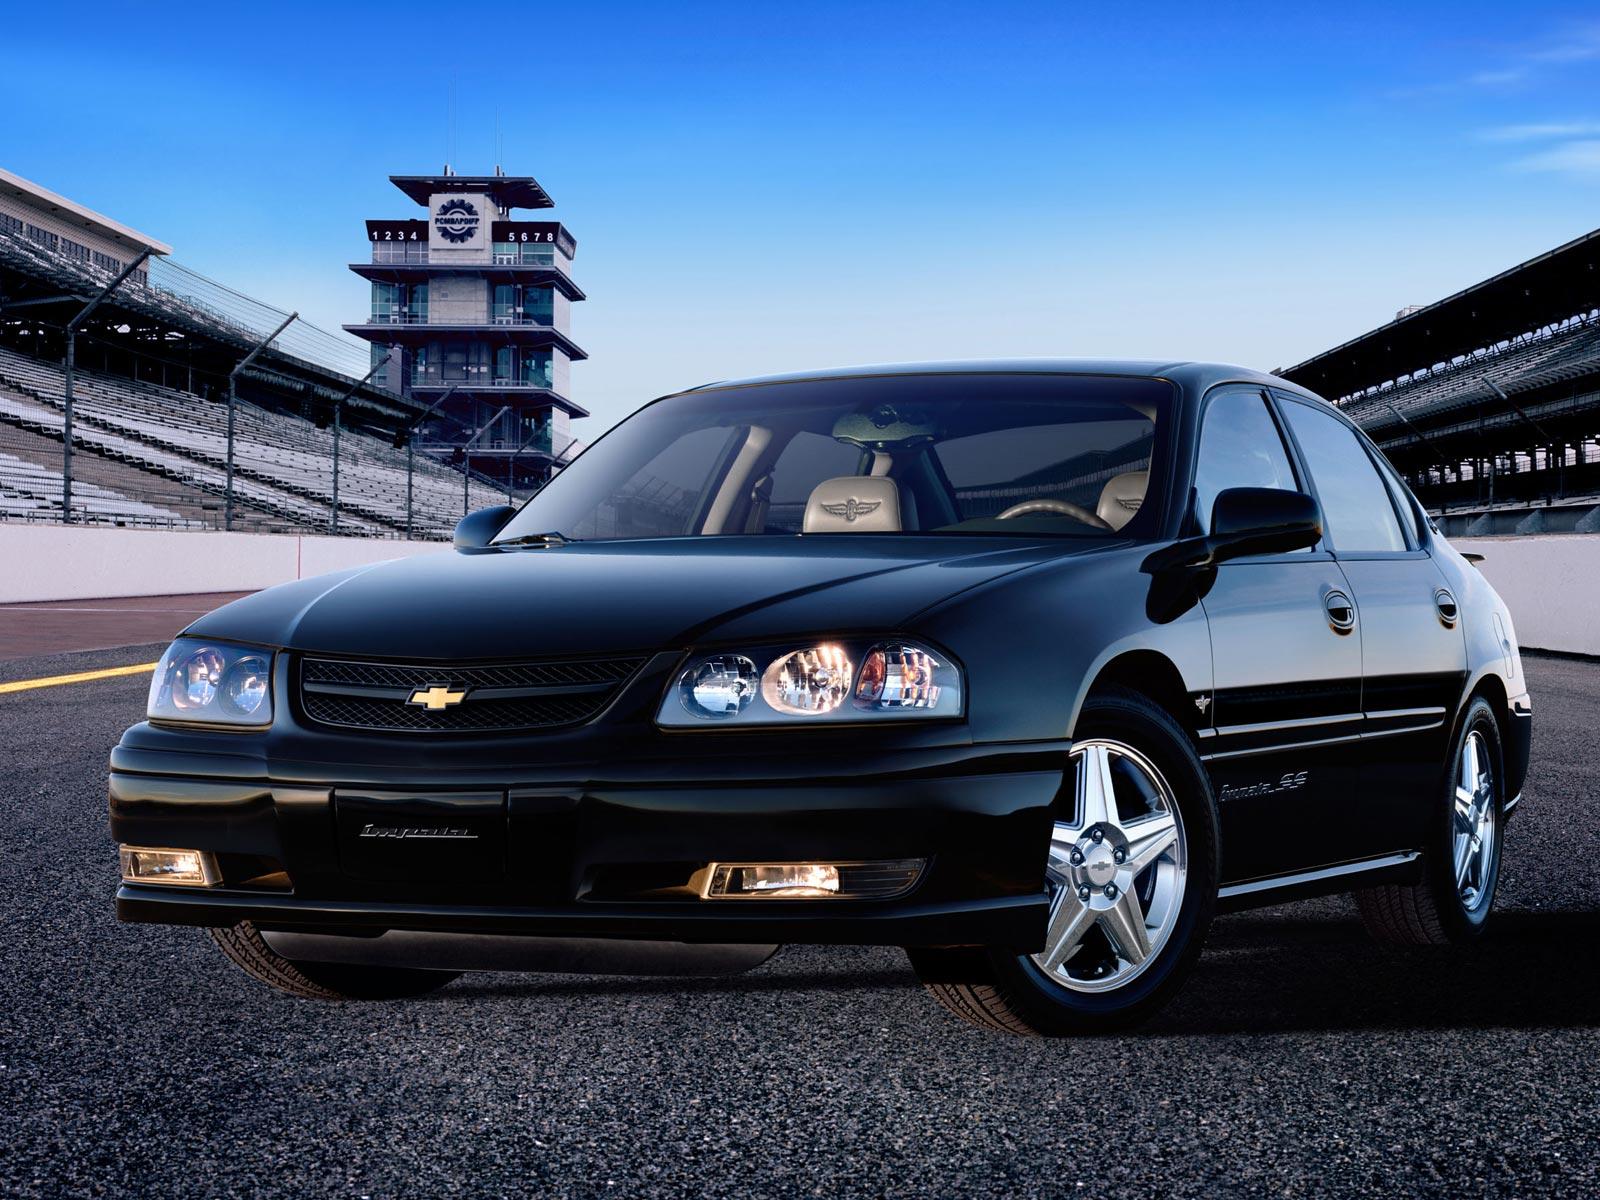 1999 2005 Chevrolet Impala Autoguru Katalogat